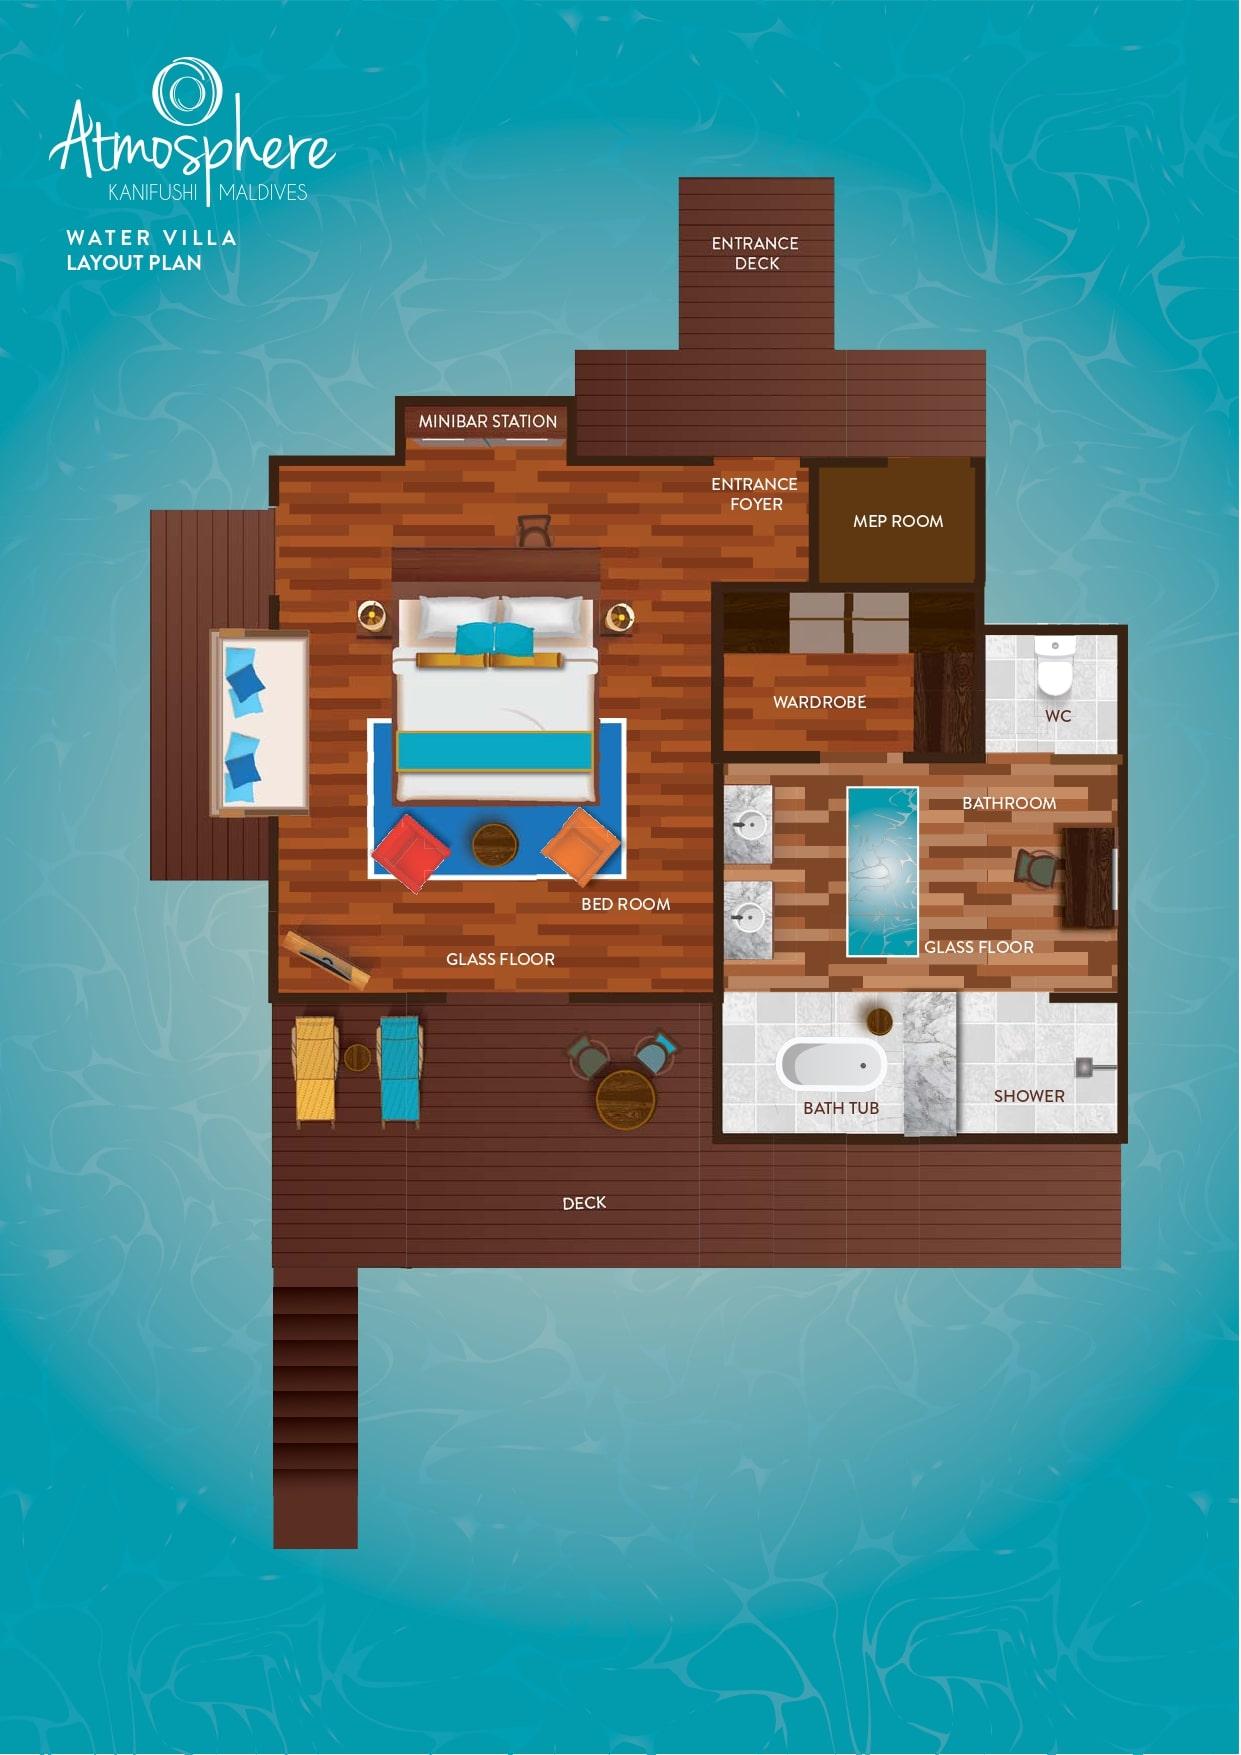 Мальдивы, отель Atmosphere Kanifushi Maldives, план-схема номера Water Villa